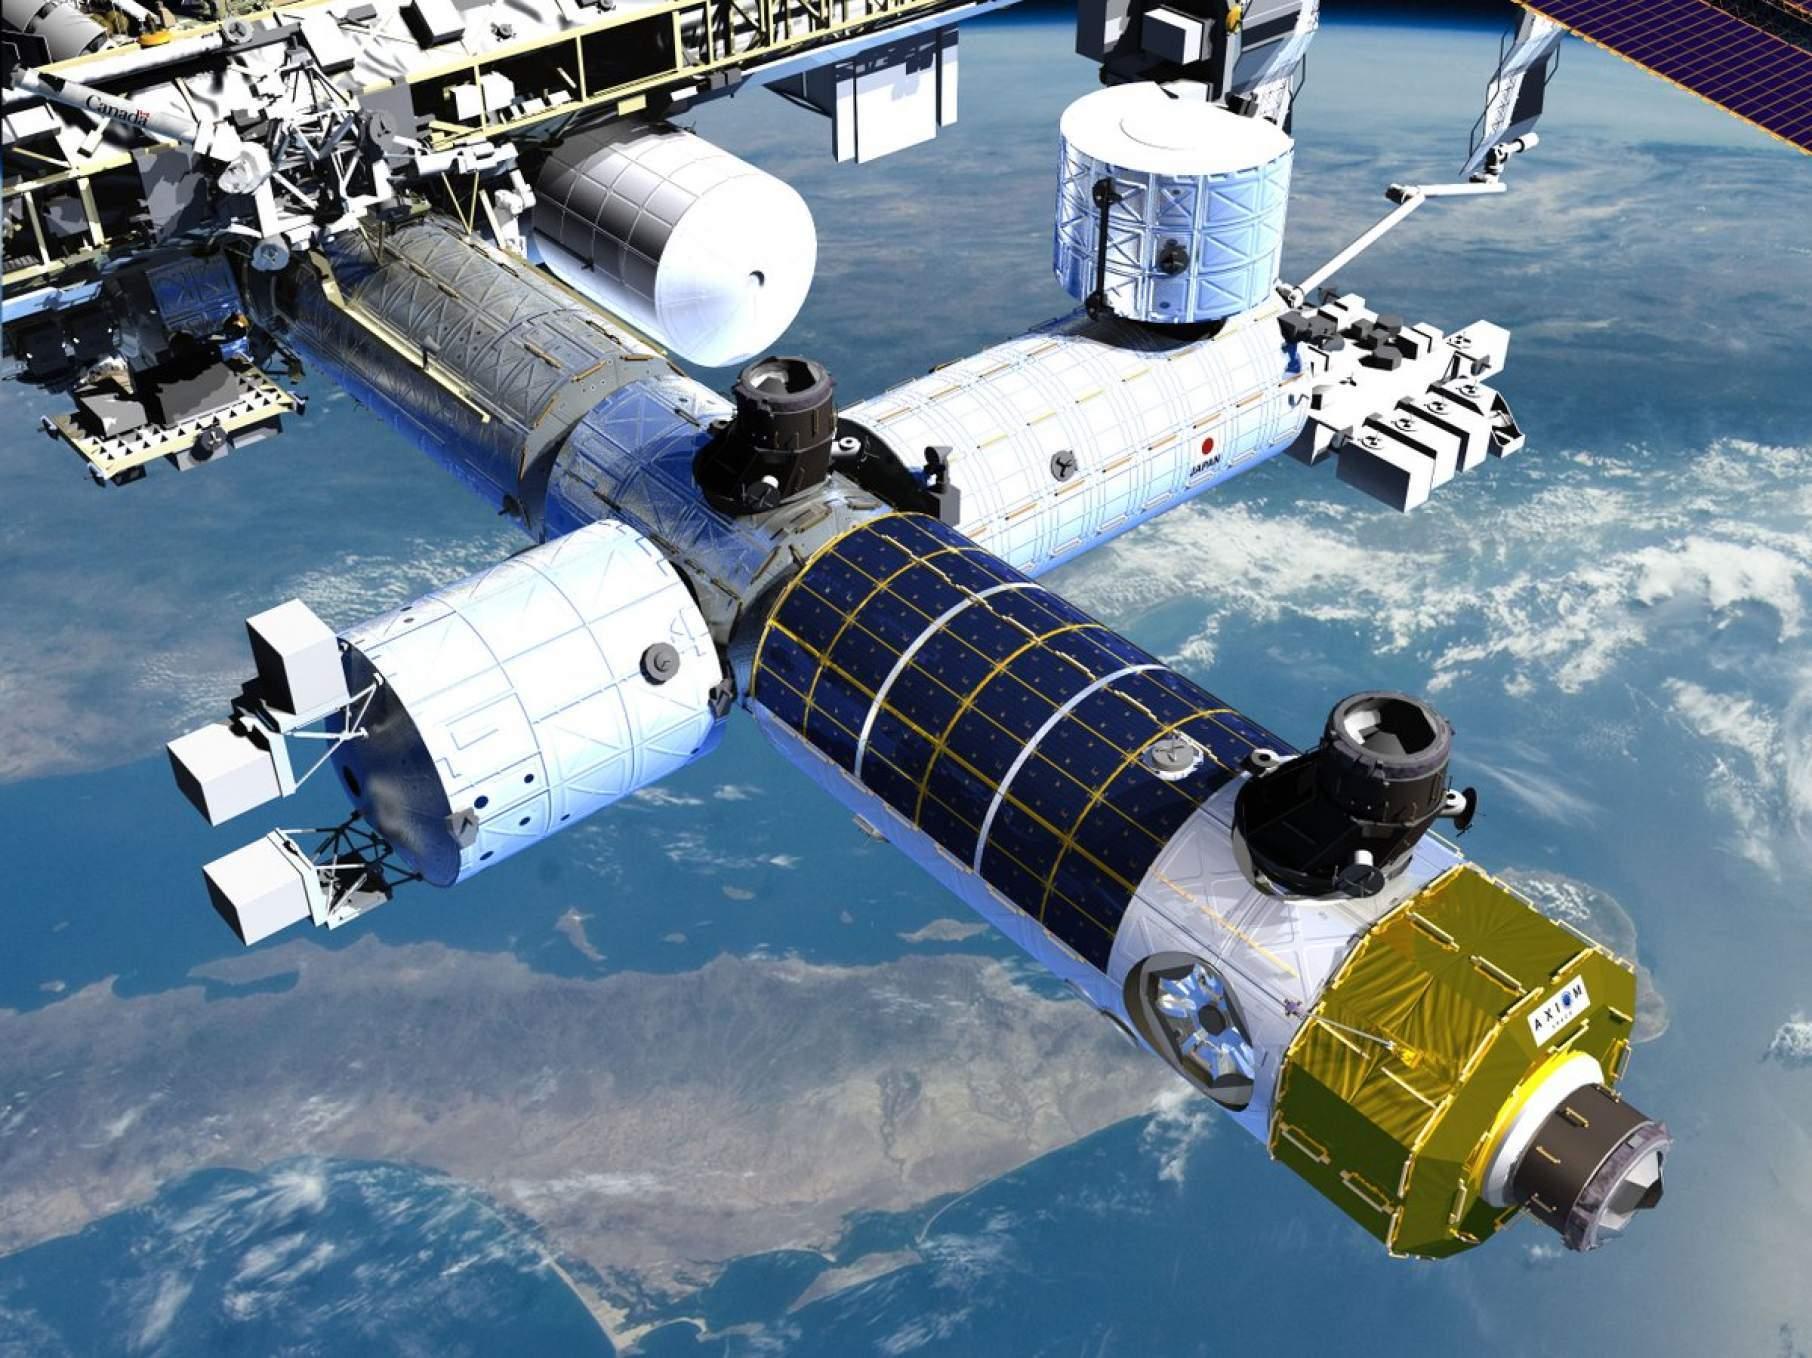 최초의 개인 소유 우주 정거장에서 3D 프린팅 활용